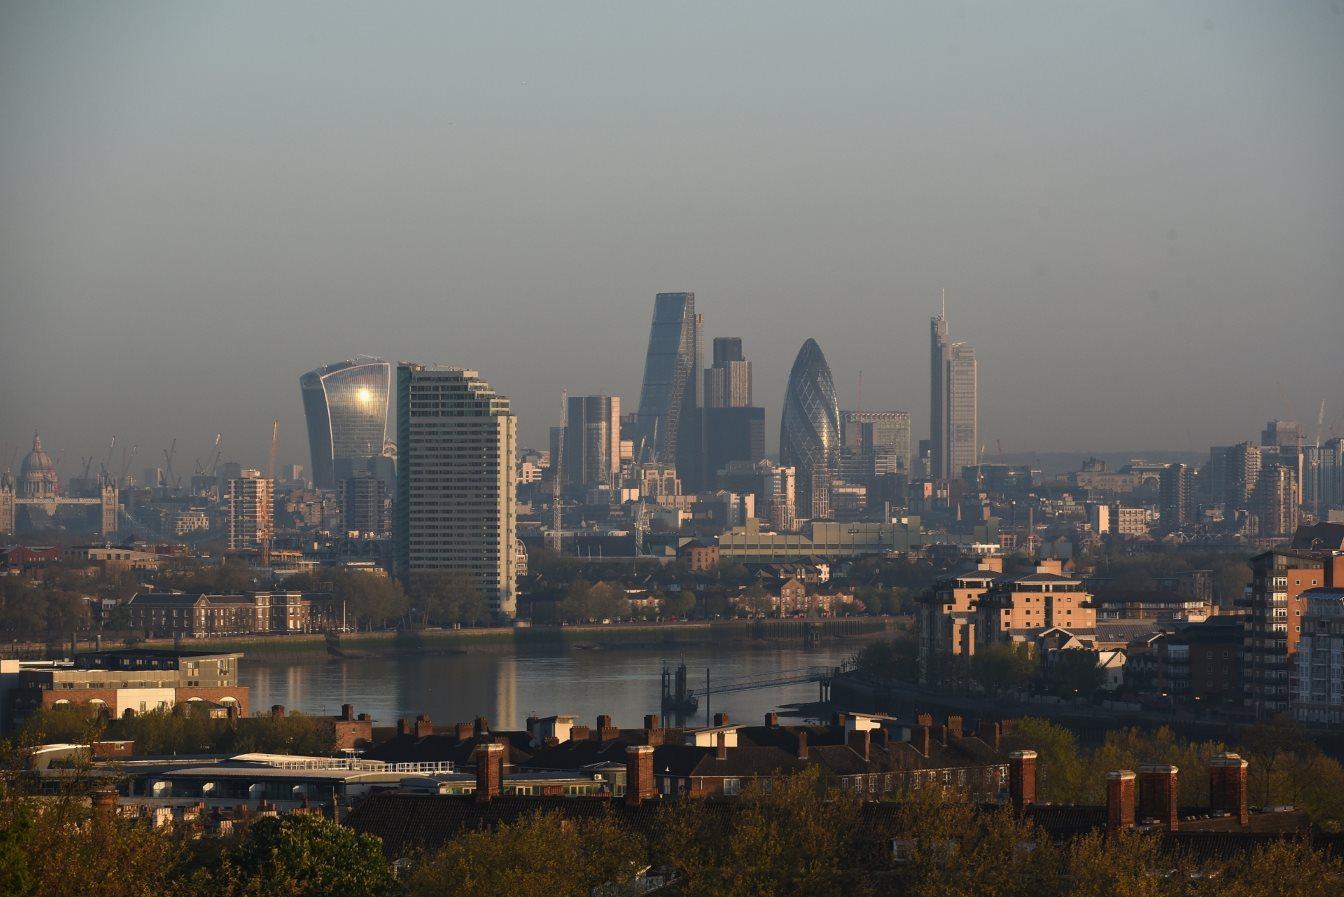 Ατμοσφαιρική ρύπανση πάνω από το Λονδίνο. Εκτιμάται ότι το 75% των Λονδρέζων θεωρεί το πρόβλημα ως ένα από τα σημαντικότερα με τα οποία θα πρέπει να ασχοληθεί ο νέος Δήμαρχος της πόλης.